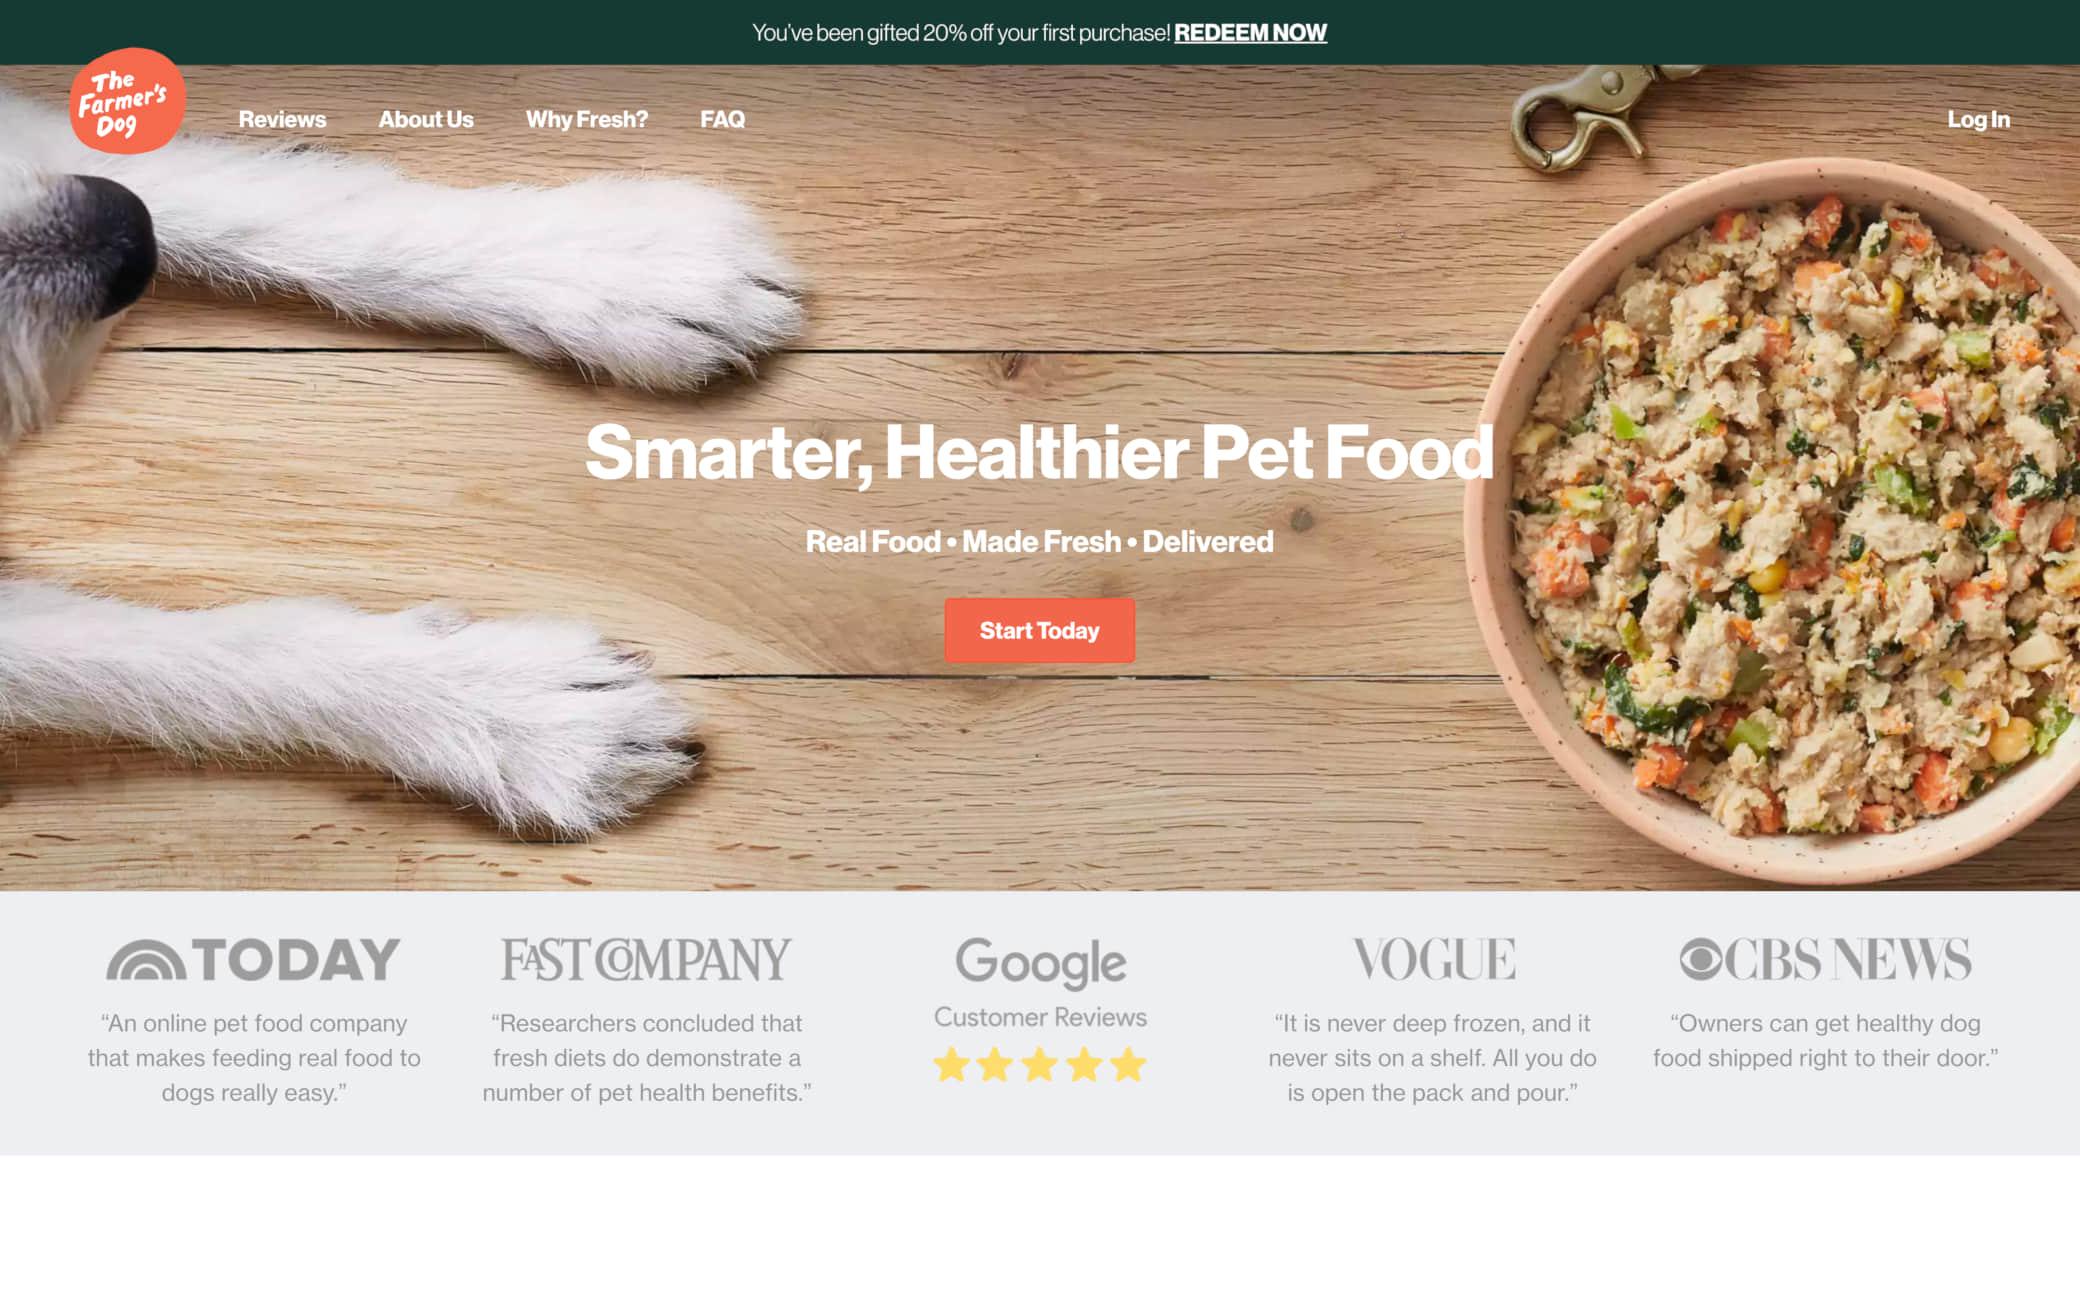 The Farmer's Dog Screenshot Main